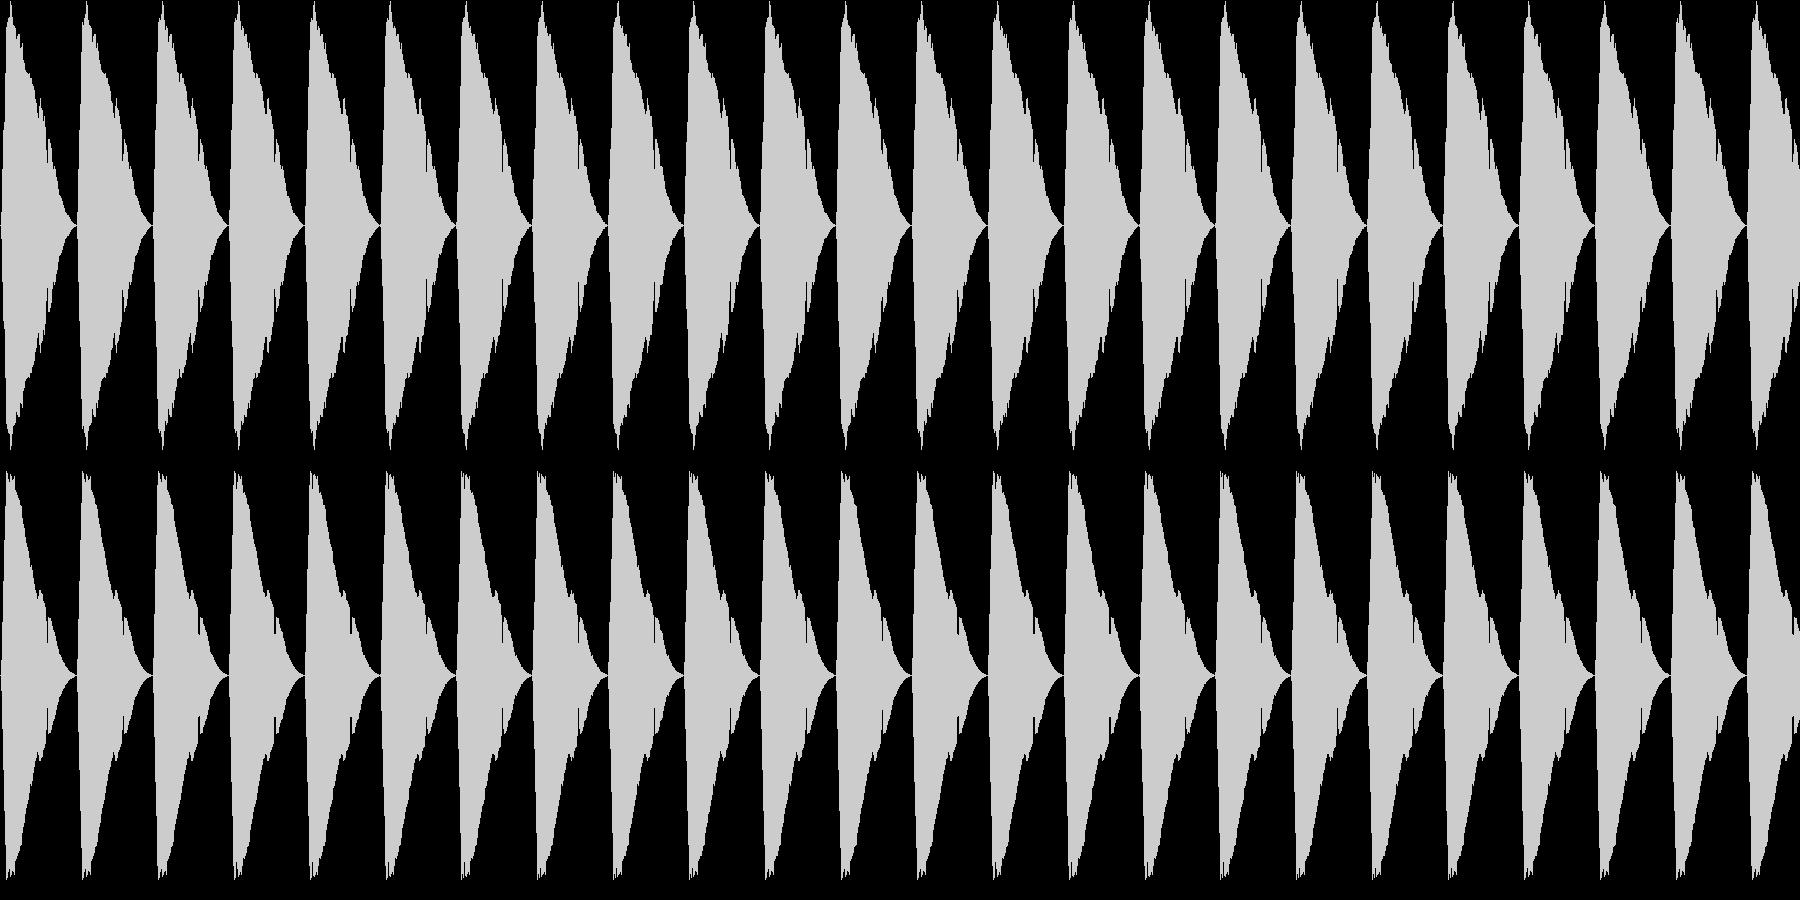 【アラーム】電子音 - ピピピピピピピピの未再生の波形